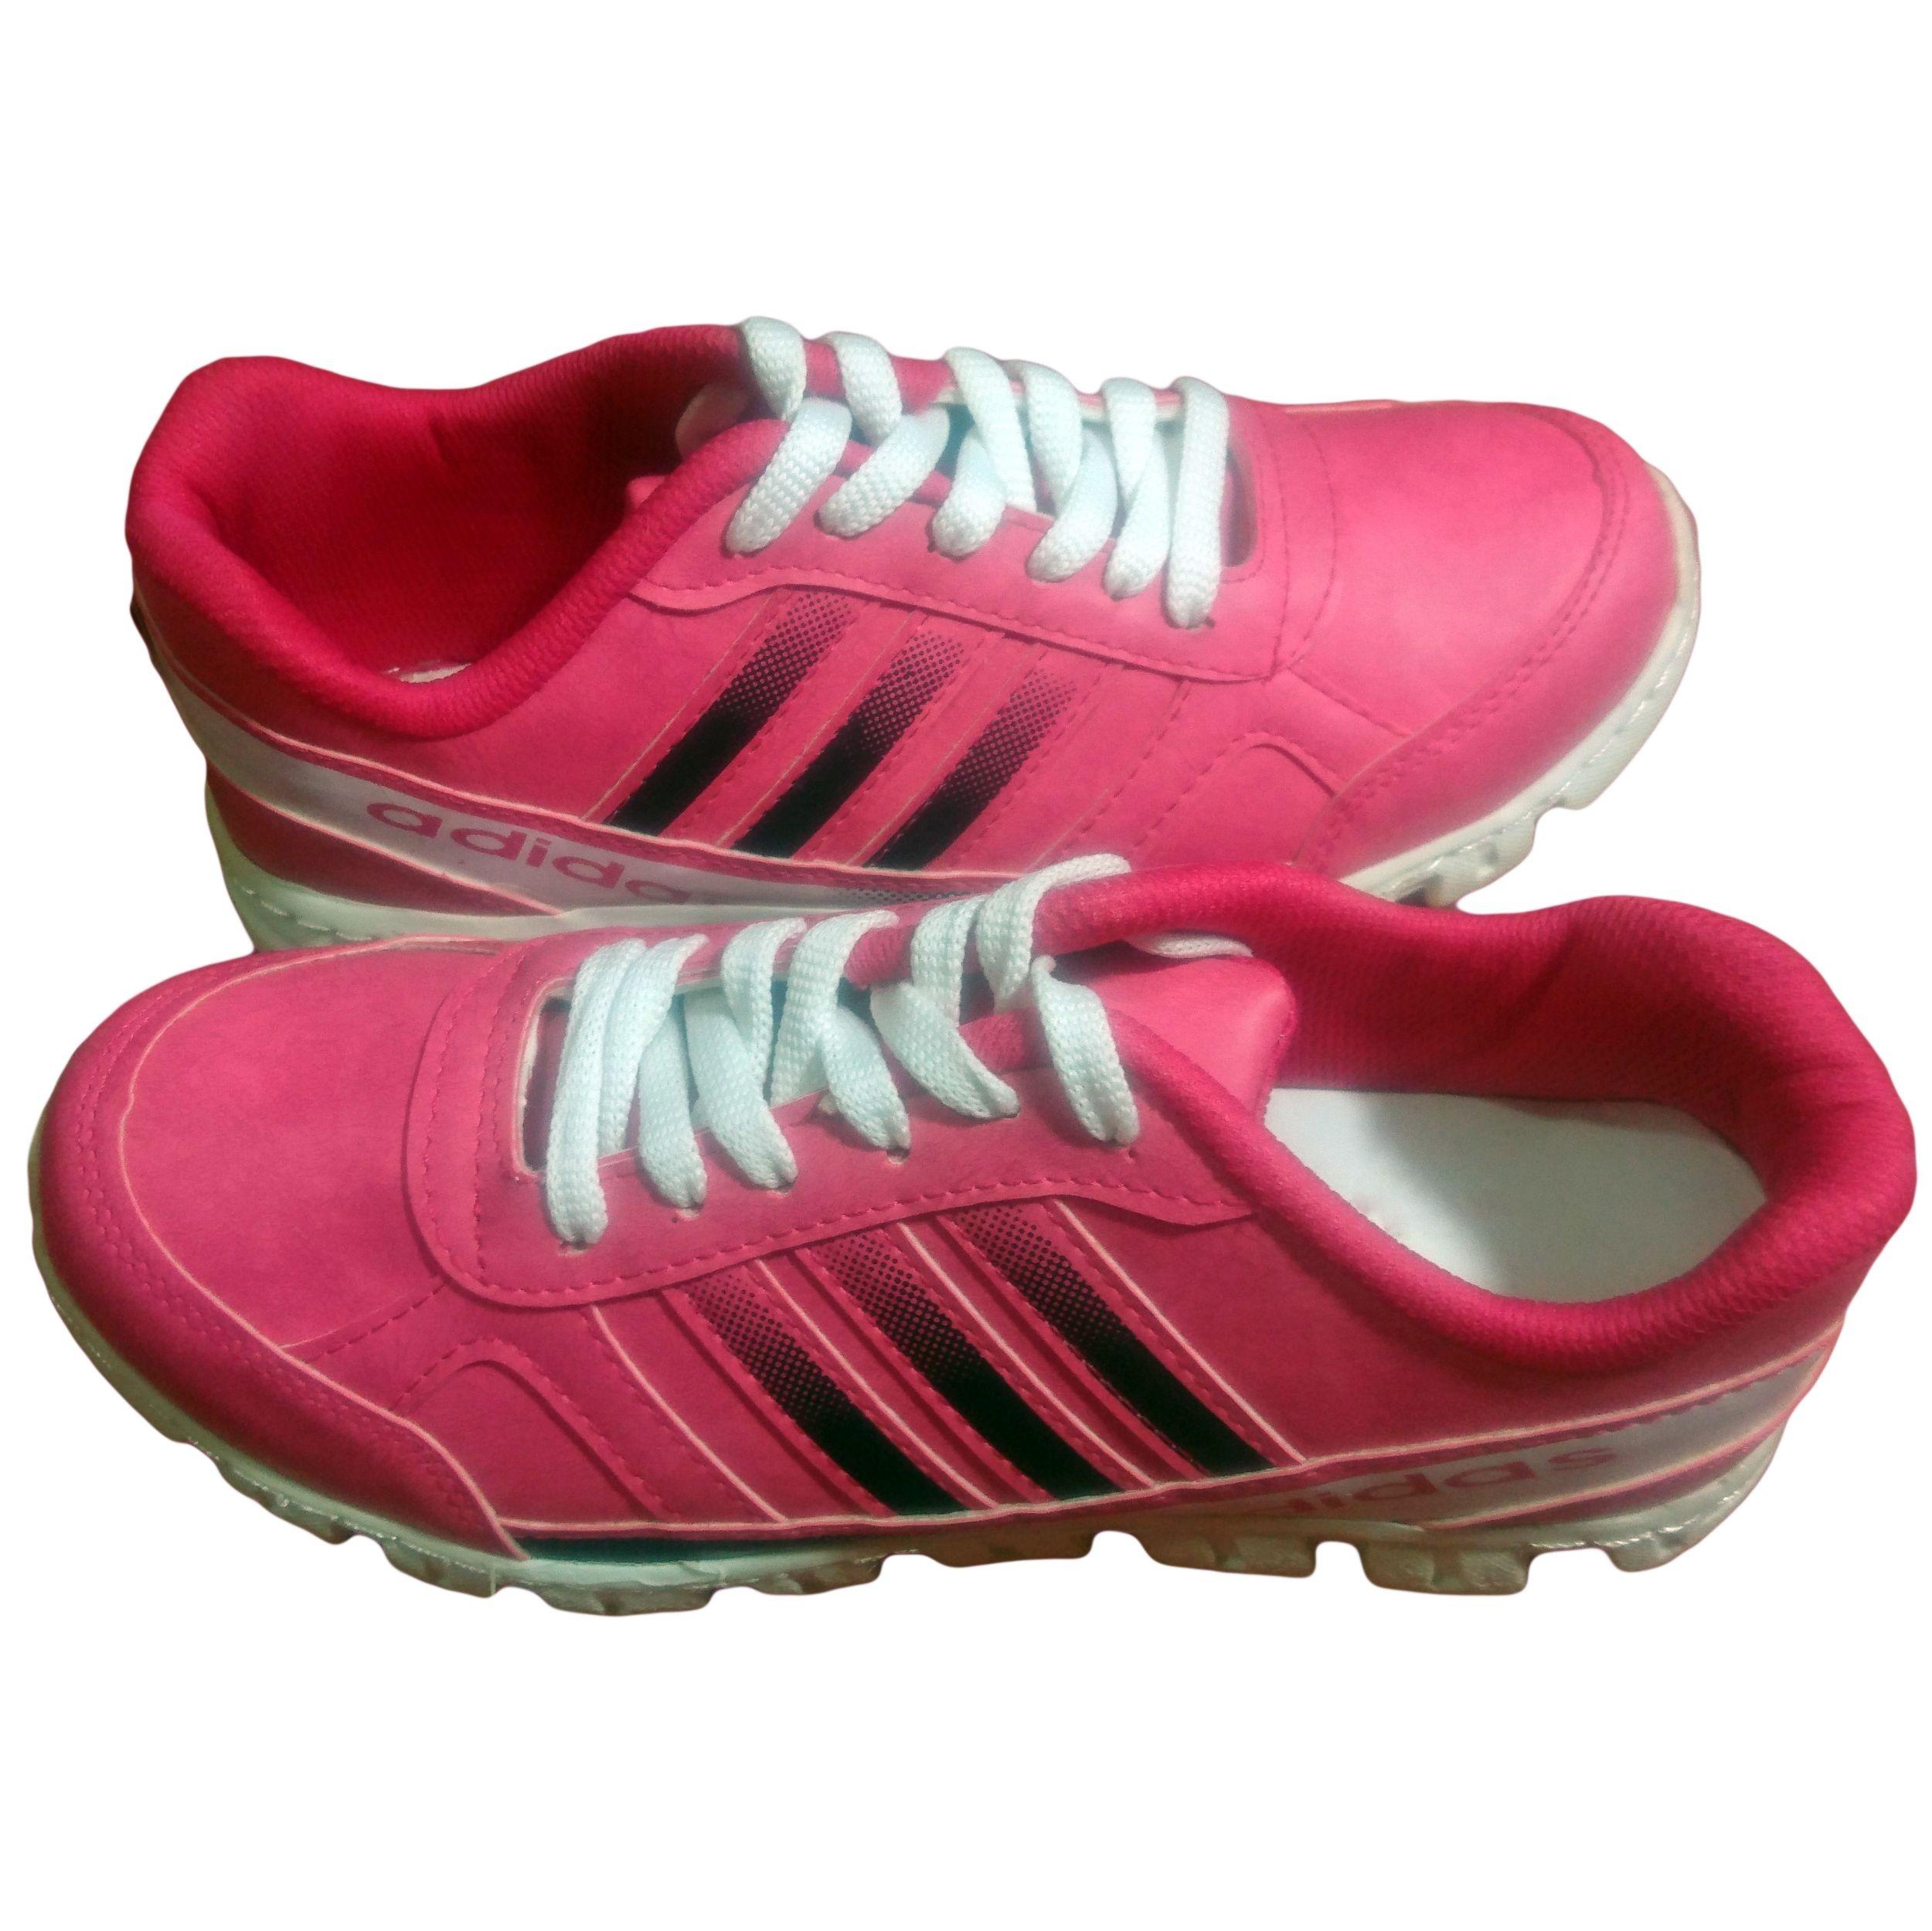 کفش مخصوص پیاده روی زنانه کد 01